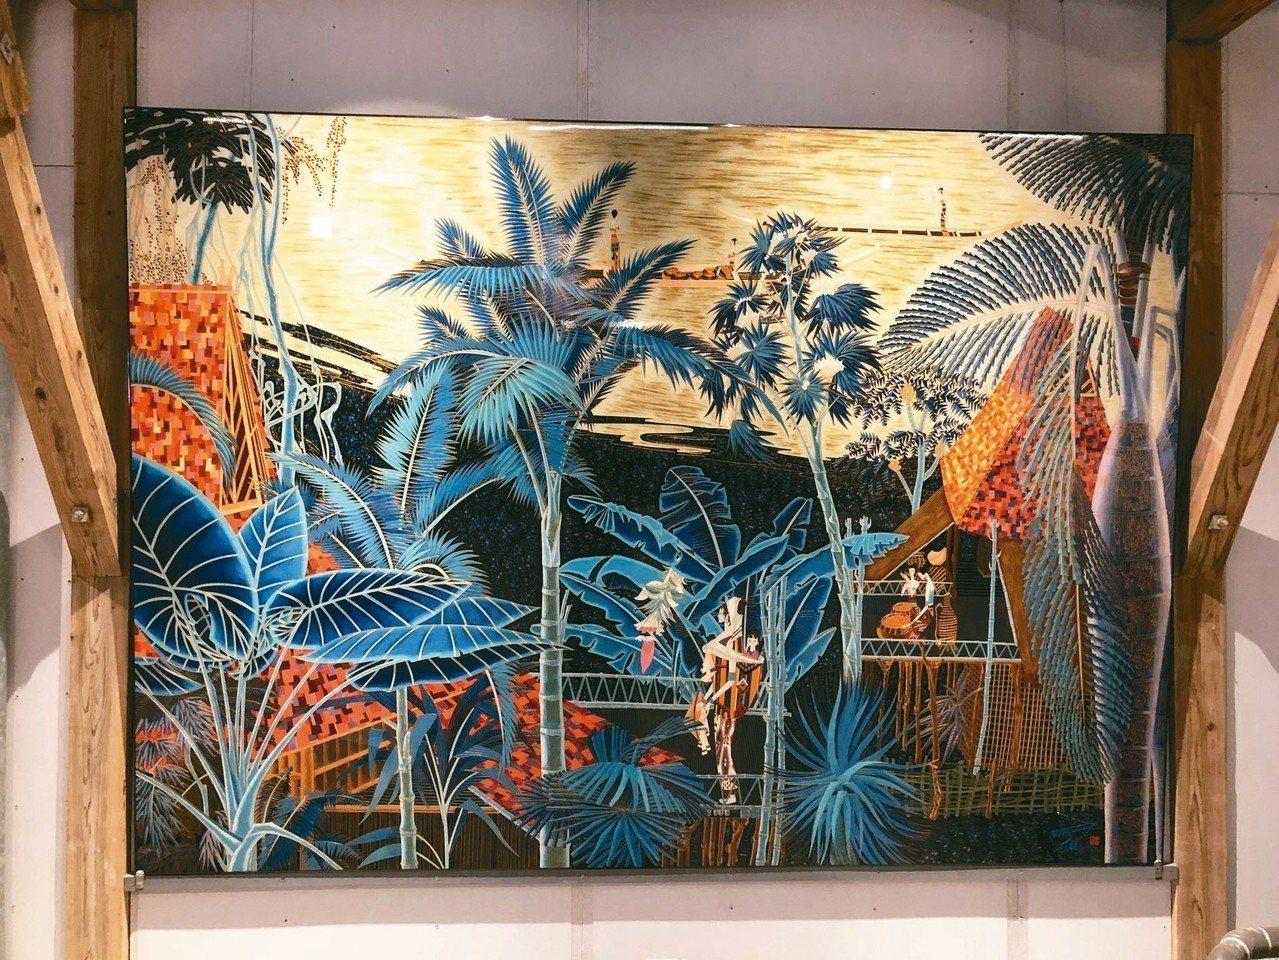 丁紹光的「流沙河」作品,號稱市價逾6千萬元。 圖/彝璋文創提供